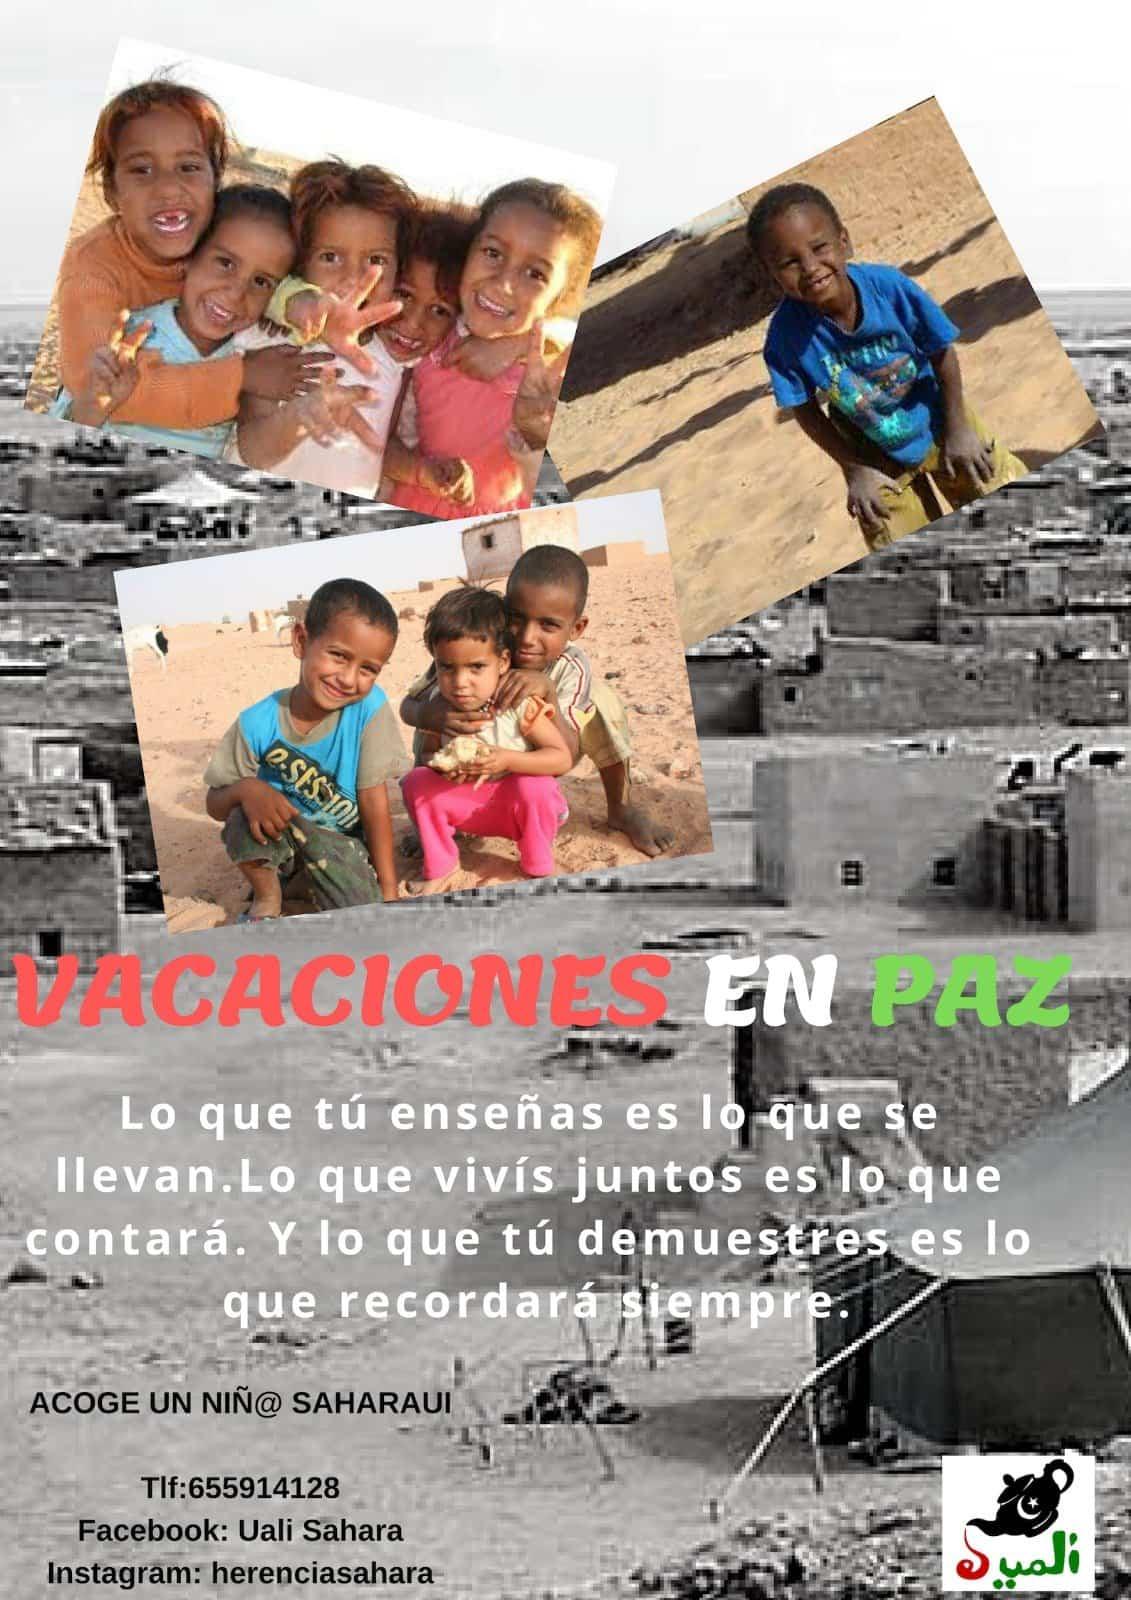 """La asociación """"El Uali"""" informa sobre el programa Vacaciones en Paz 2019 3"""